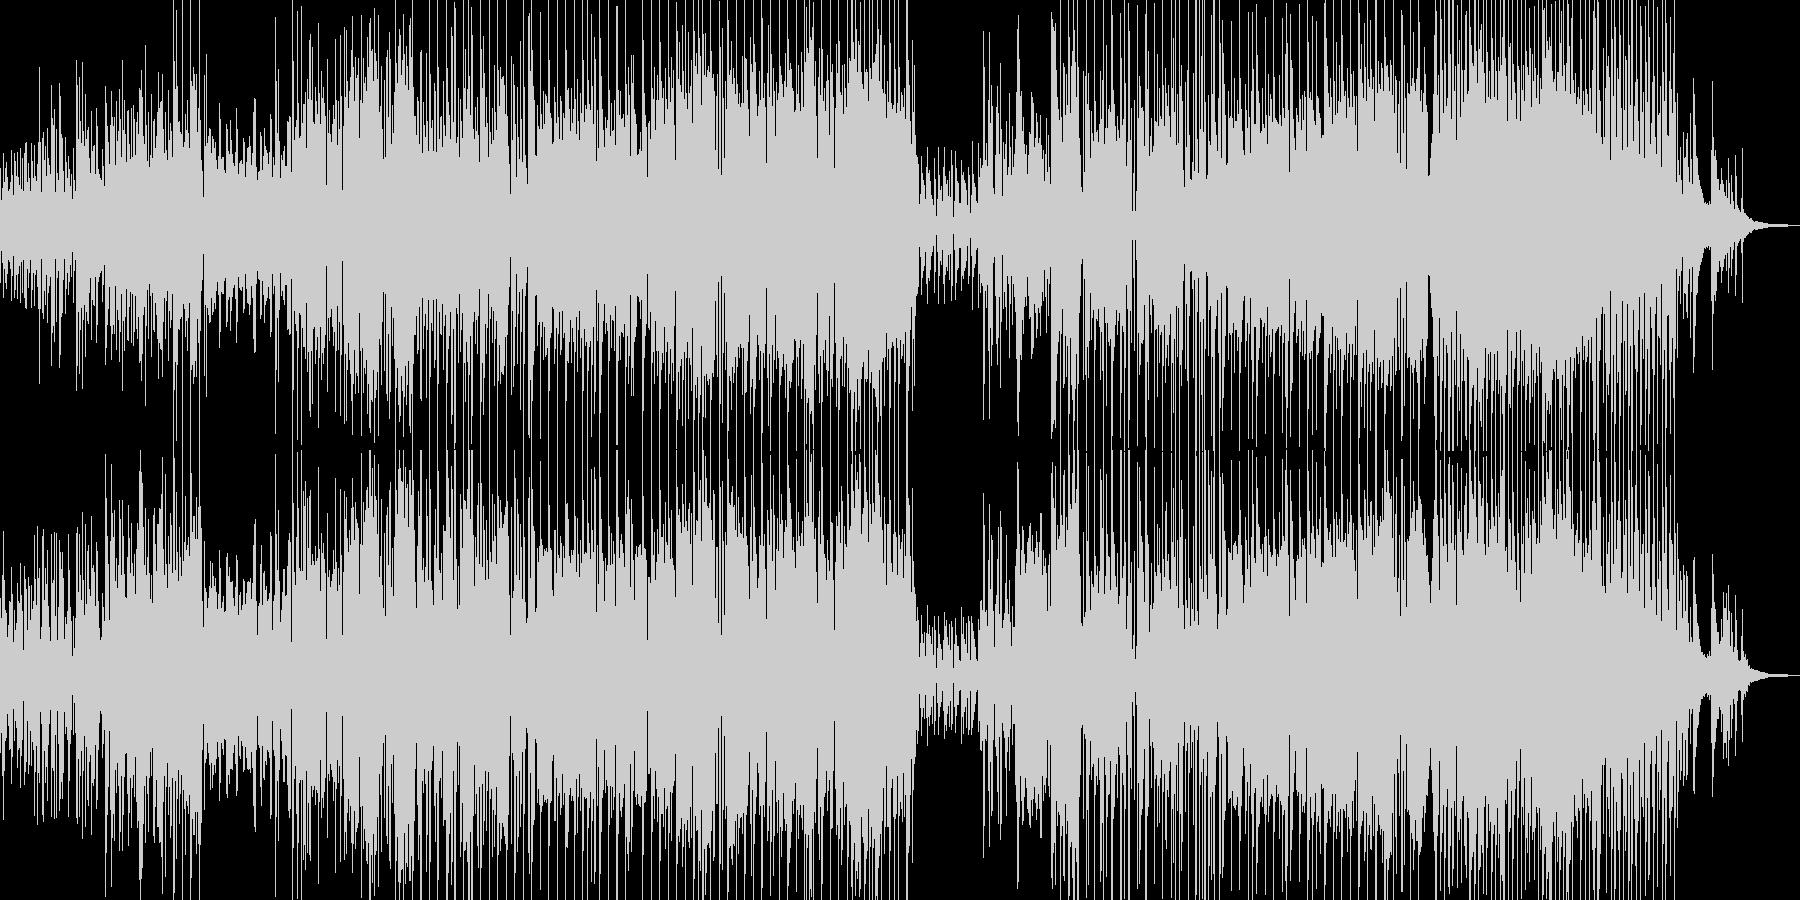 木管とギター・寛げる可憐なジャズ Bの未再生の波形